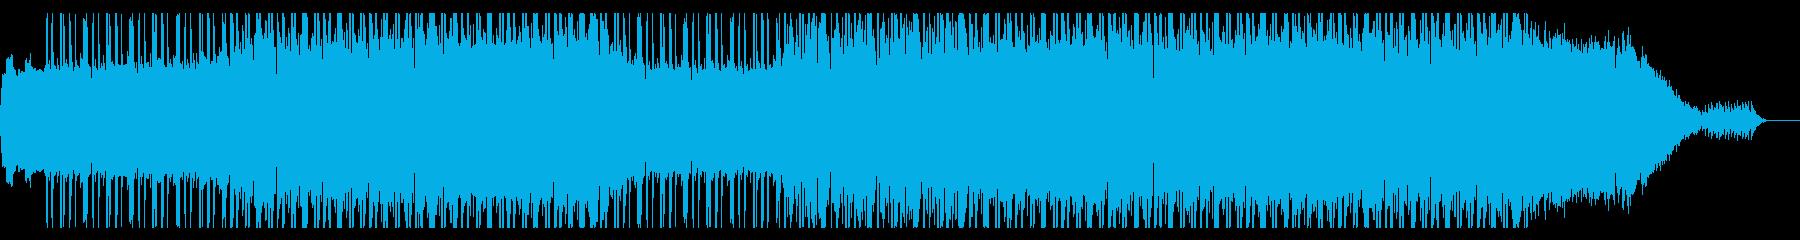 キラキラと輝くドラムンベースの再生済みの波形